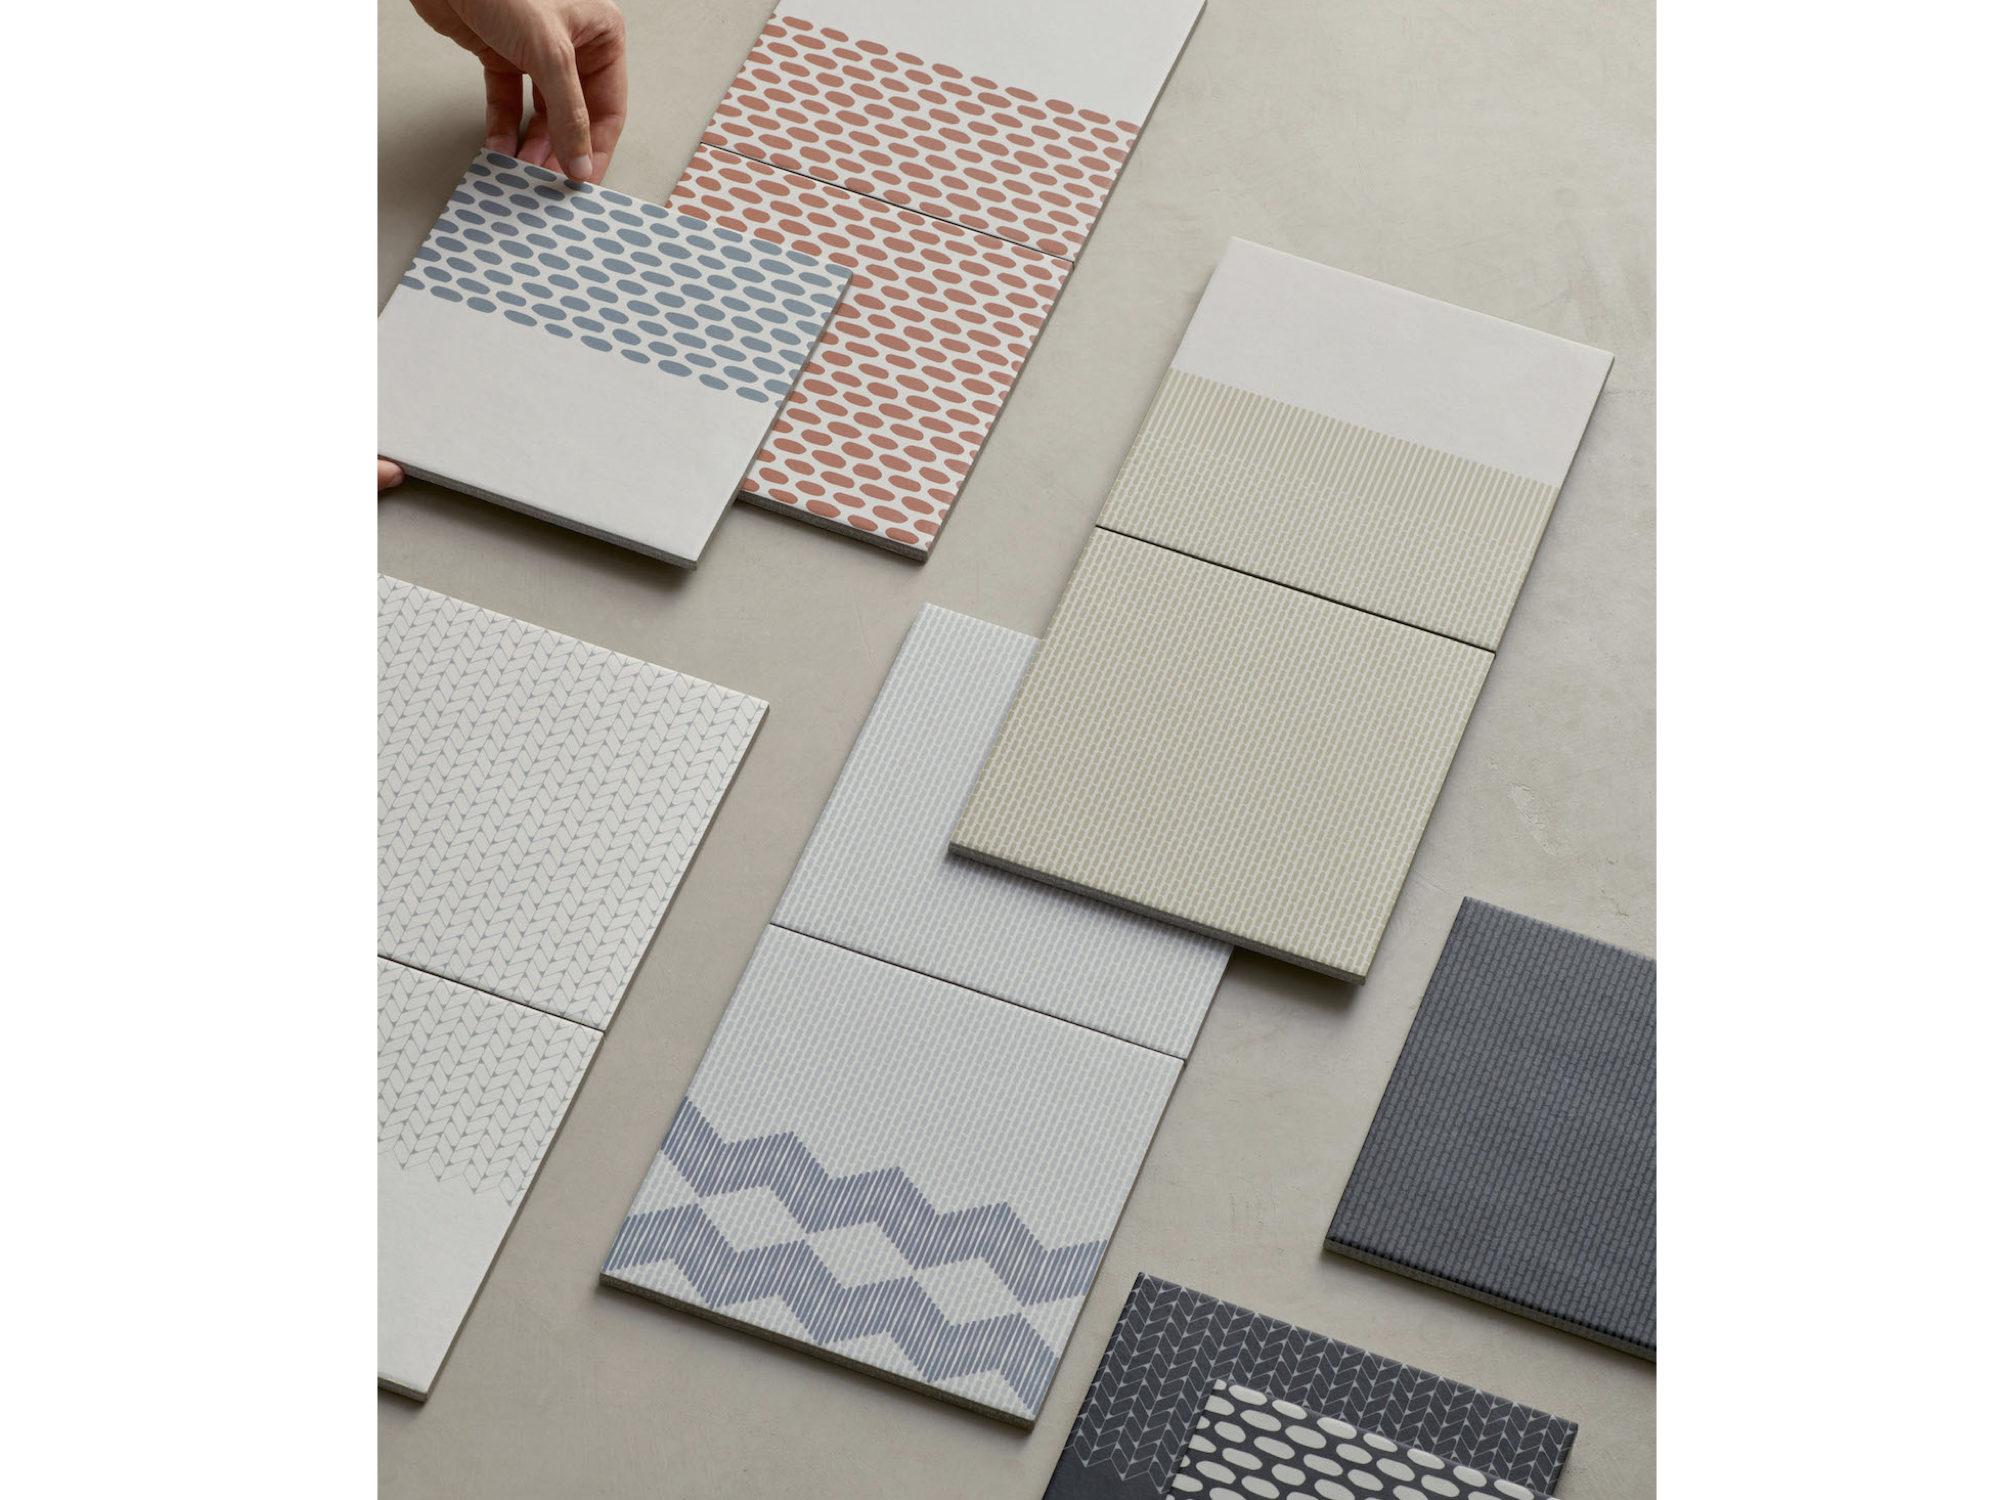 Raw Edges Designed Tape, a Line of Glazed Porcelain Tile